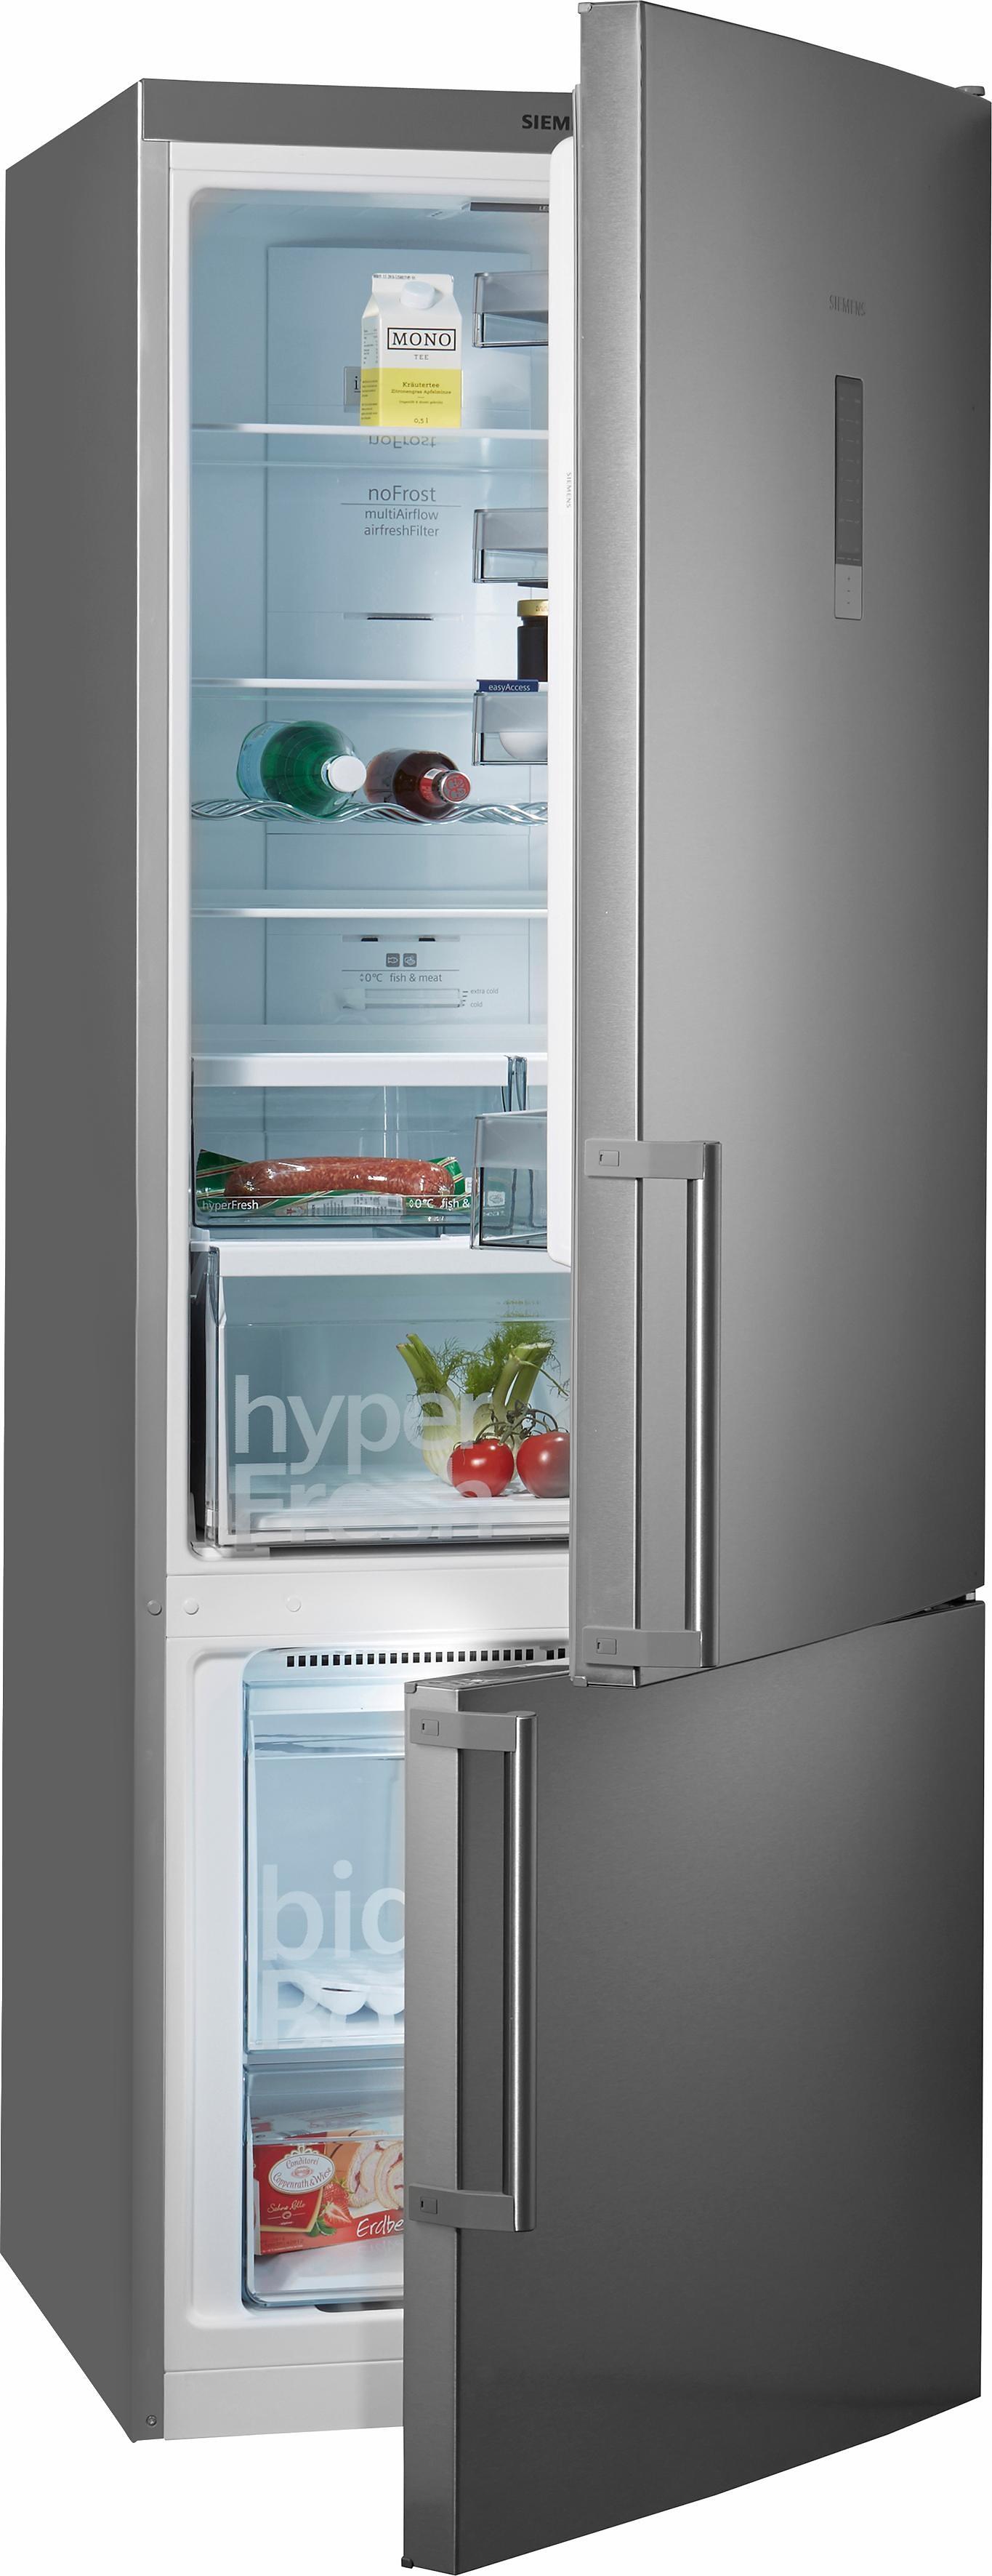 Siemens koel-vriescombinatie KG56NXI40, A+++, 193 cm hoog, No Frost nu online kopen bij OTTO